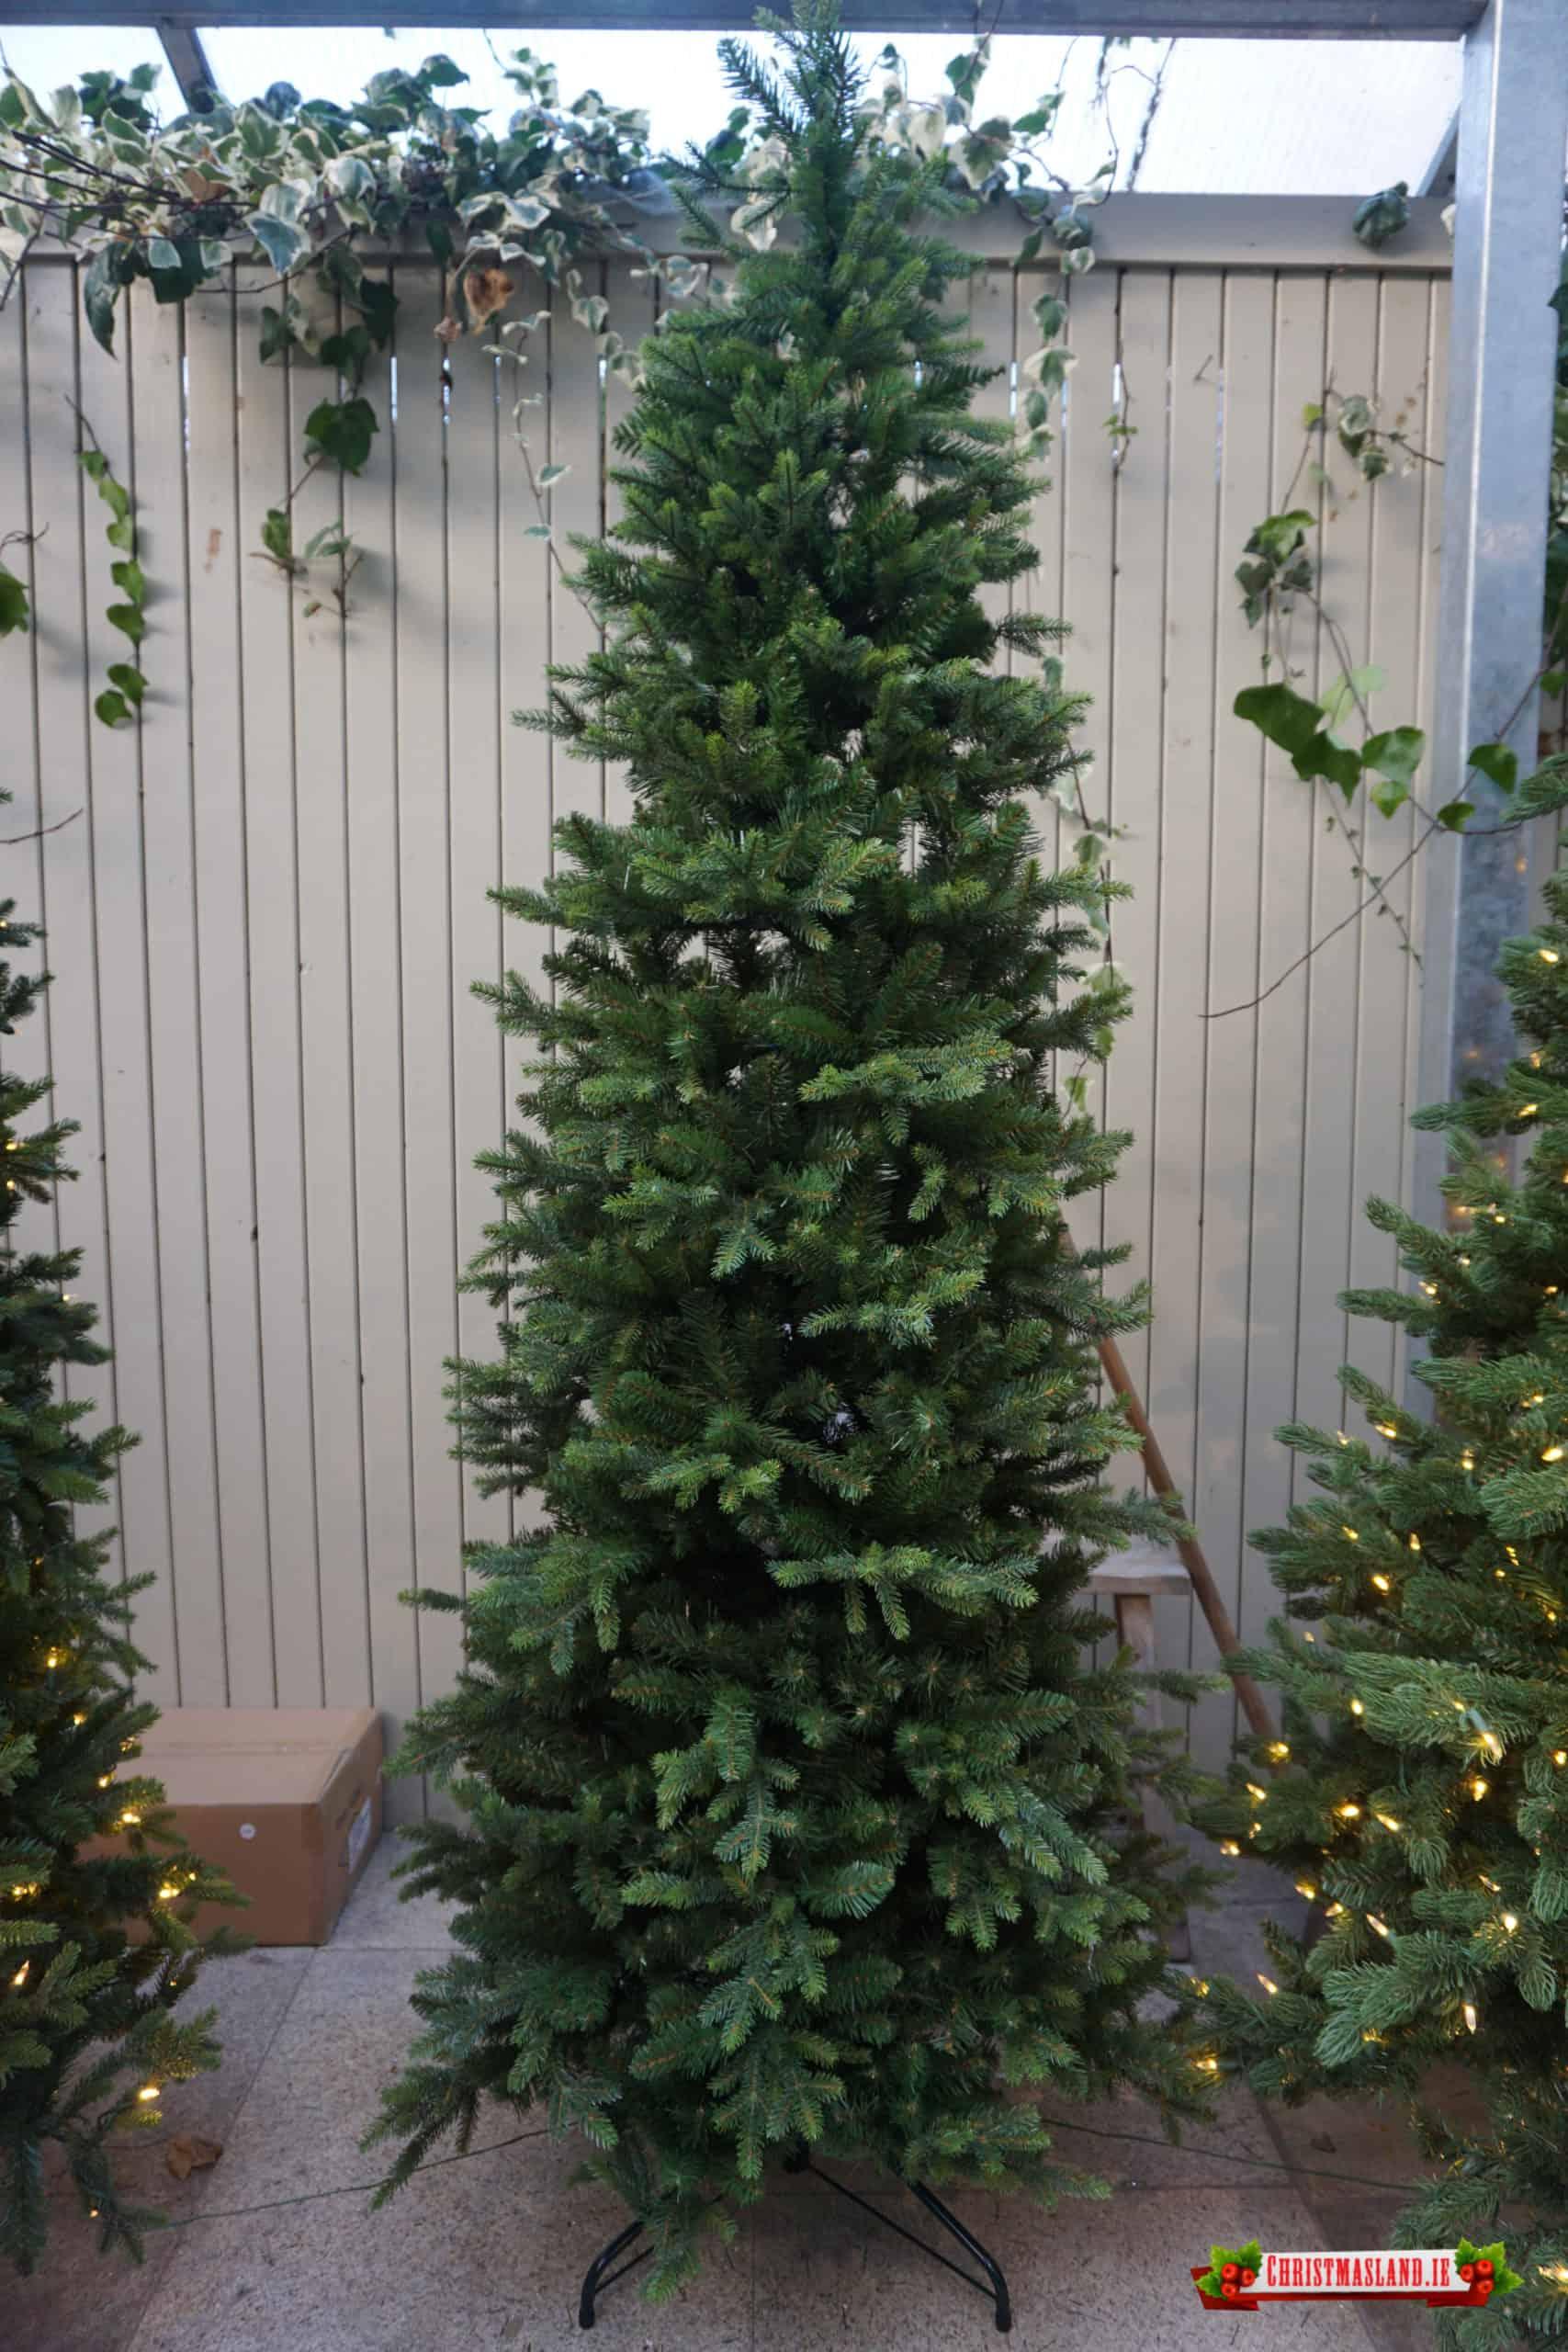 6ft 7ft Artificial Christmas Trees Un Lit Artificial Christmas Trees Un Lit Christmas Trees 7 5ft Carrington Fir Slim Artificial Christmas Tree Christmasland Ie